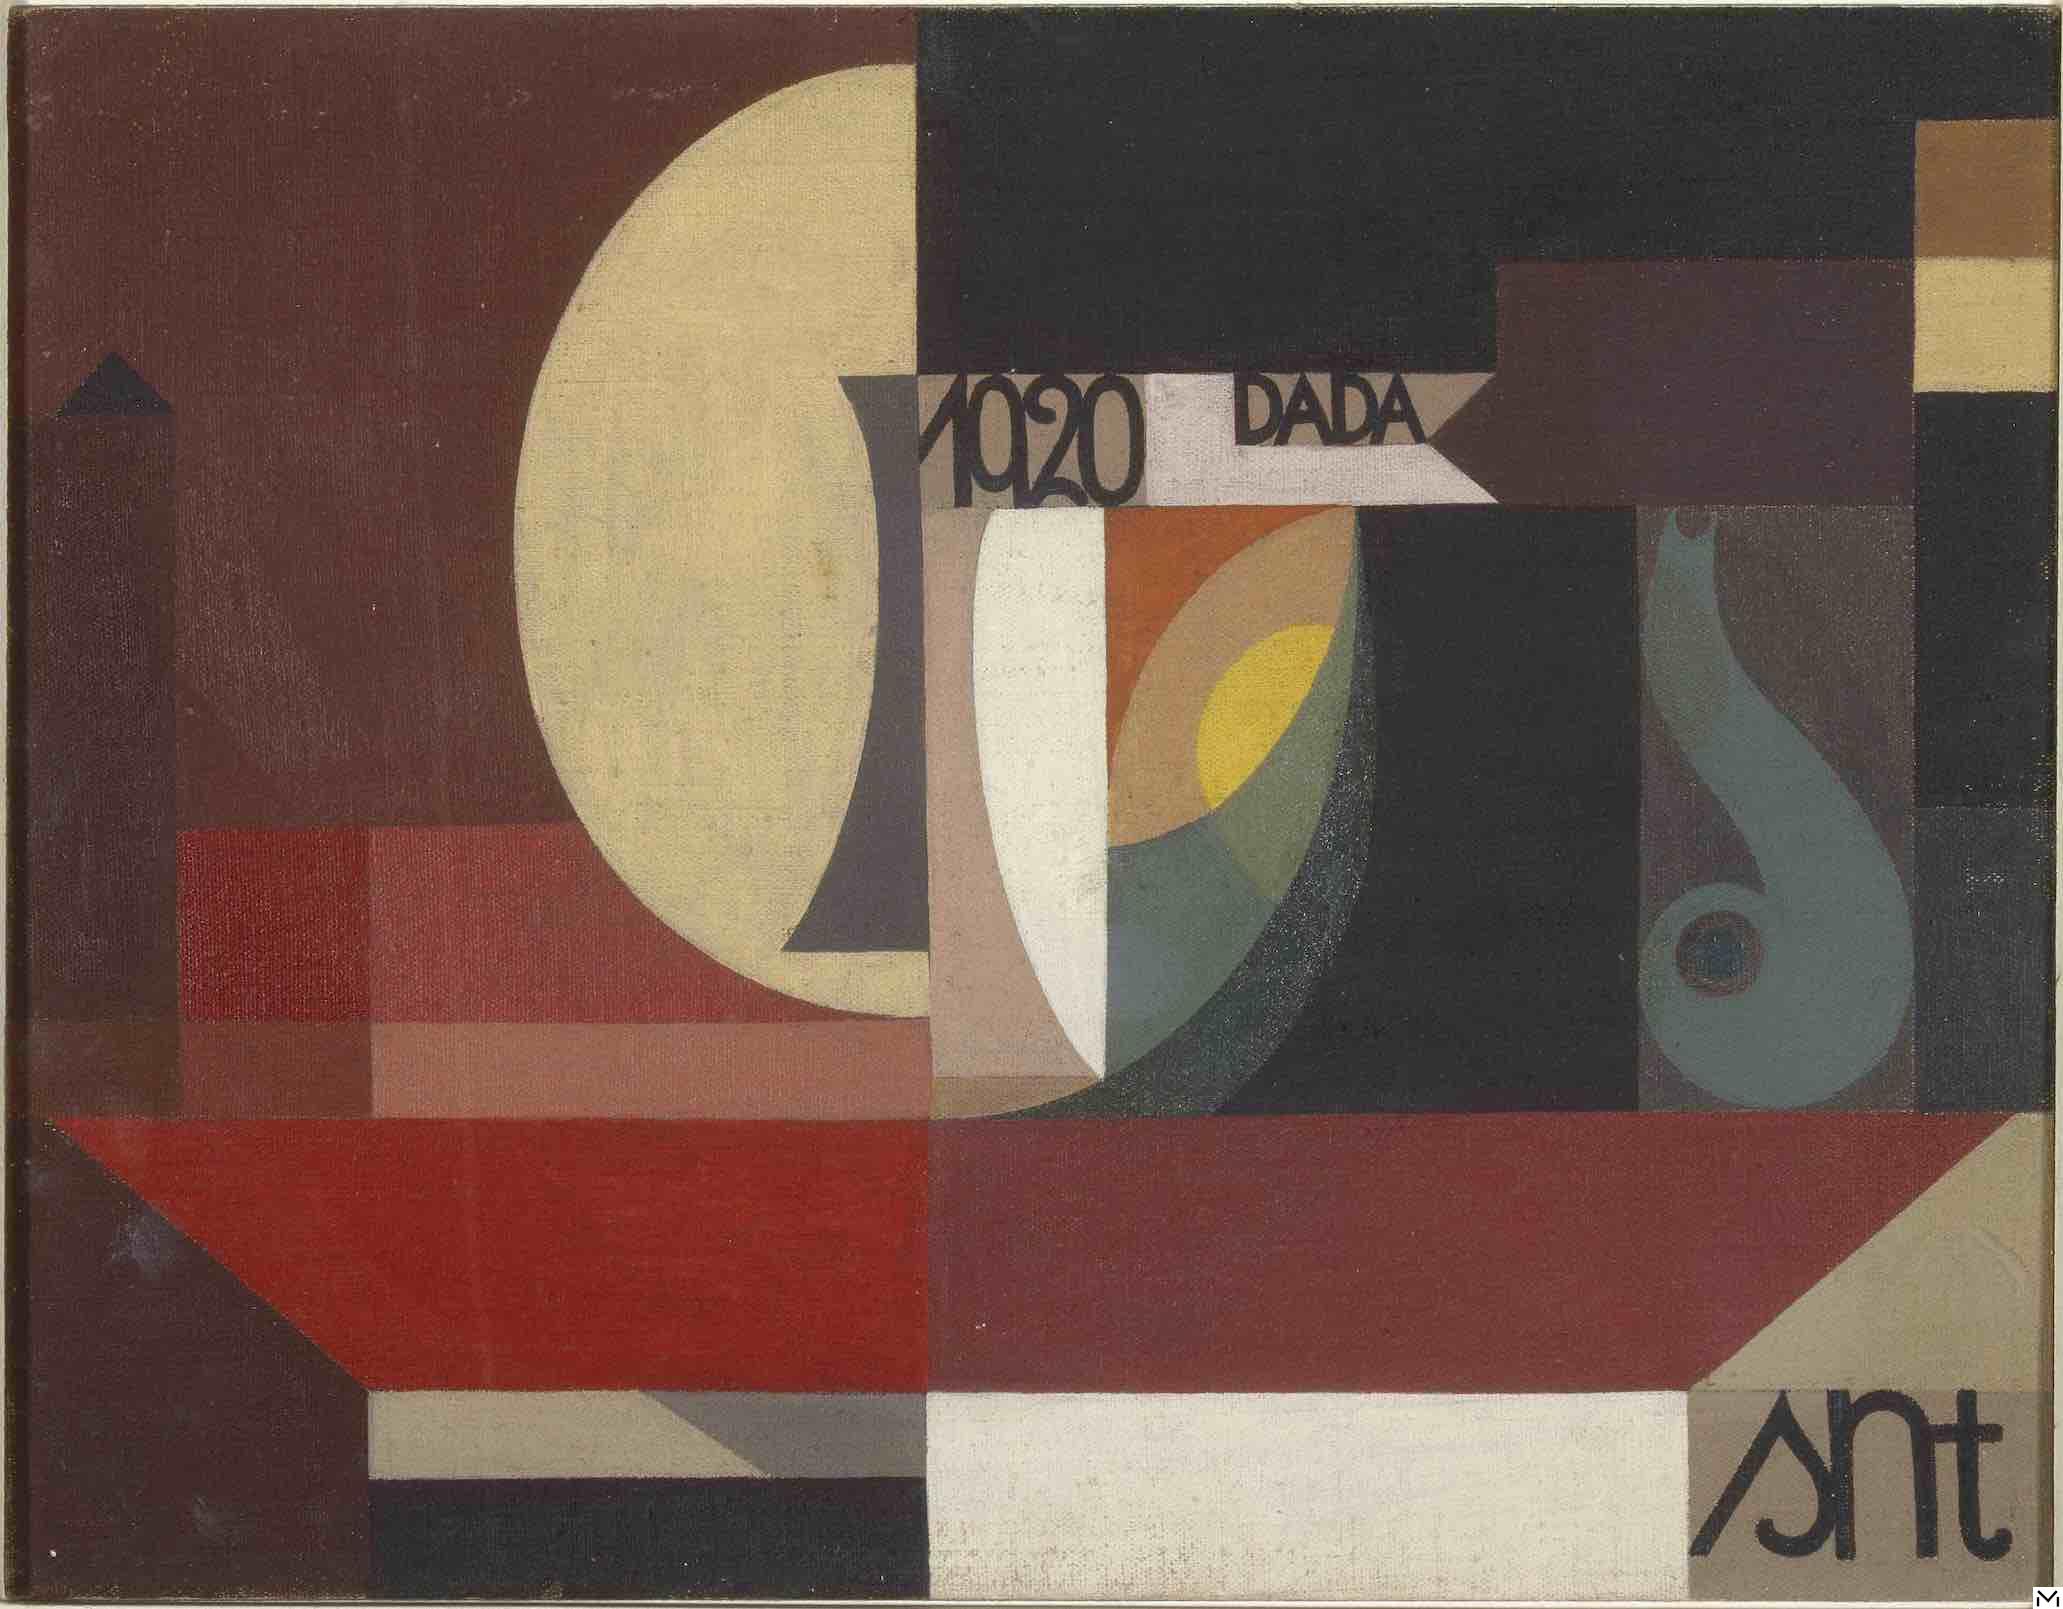 Sophie Taeuber-Arp, composition Dada (Tête au plat), 1920 © Centre Pompidou, MNAM-CCI/Georges Meguerditchian/dist. RMN-GP